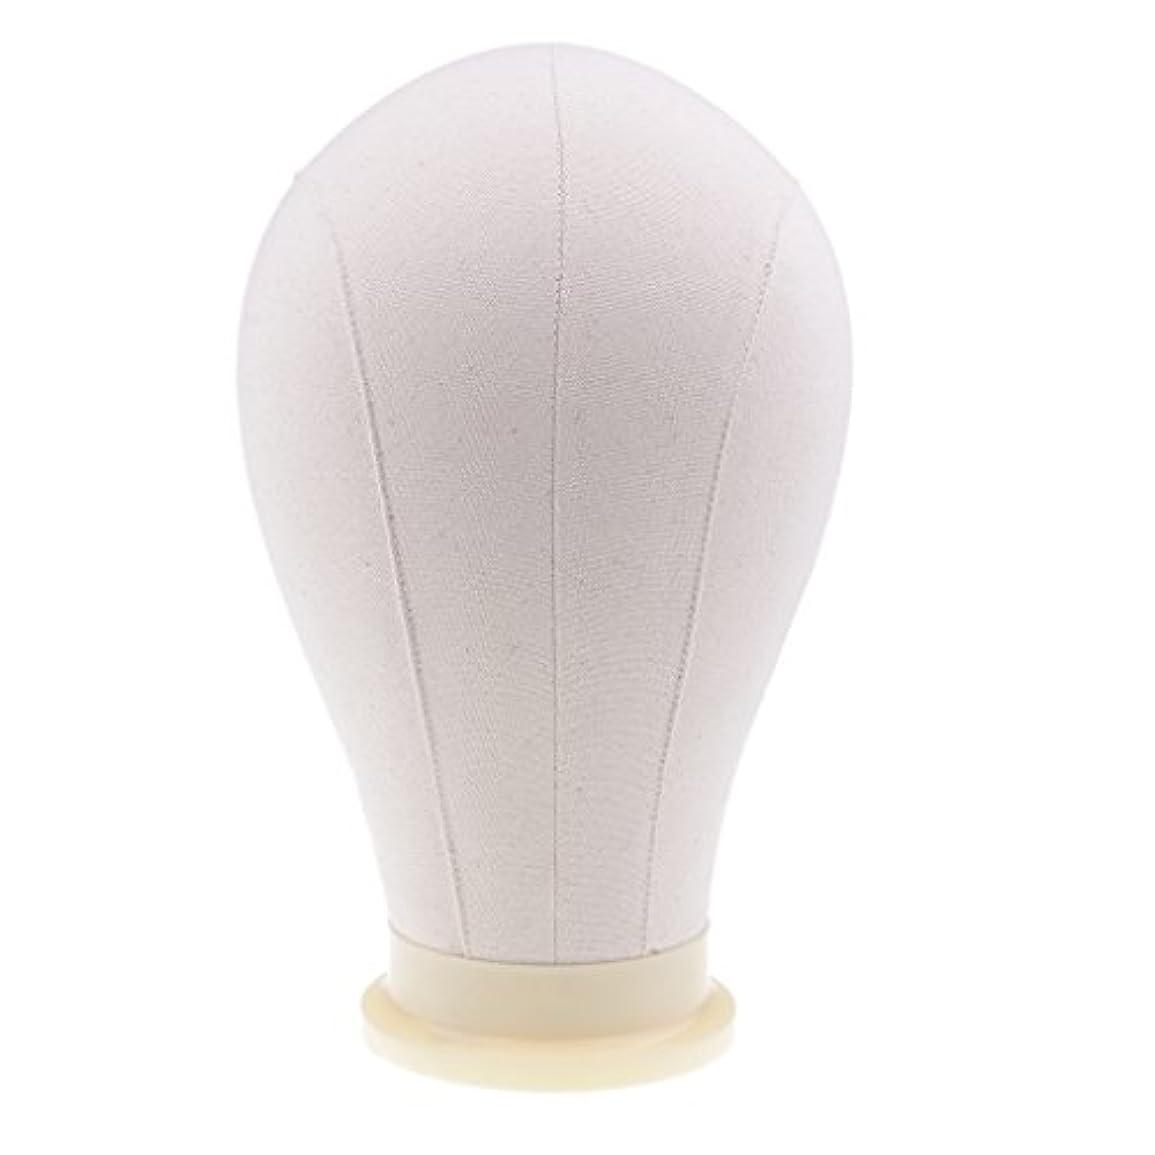 セメントビートリマークマネキンヘッド ウィッグ キャンバス 頭部モデル かつら 帽子 メガネ ディスプレイ ホルダー 4サイズ - 24インチ